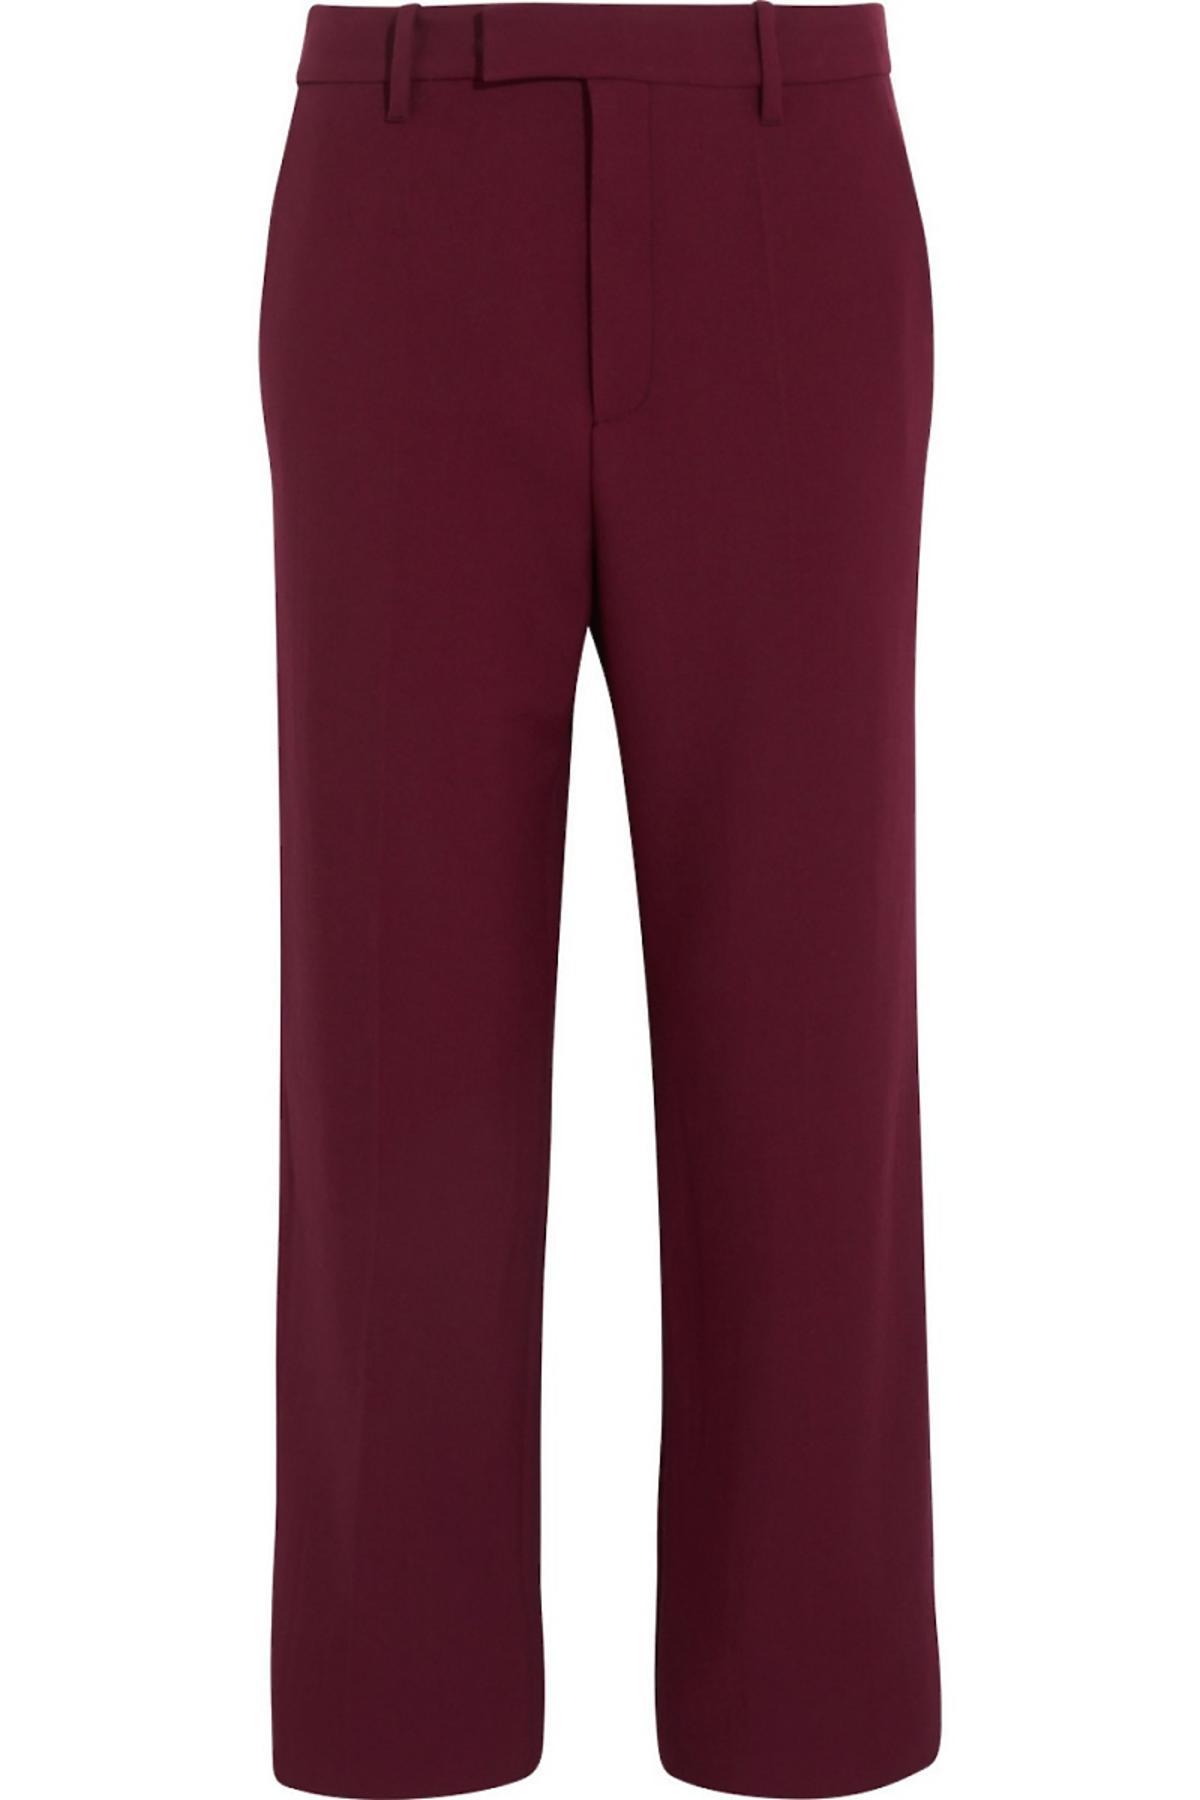 bordowe spodnie Gucci